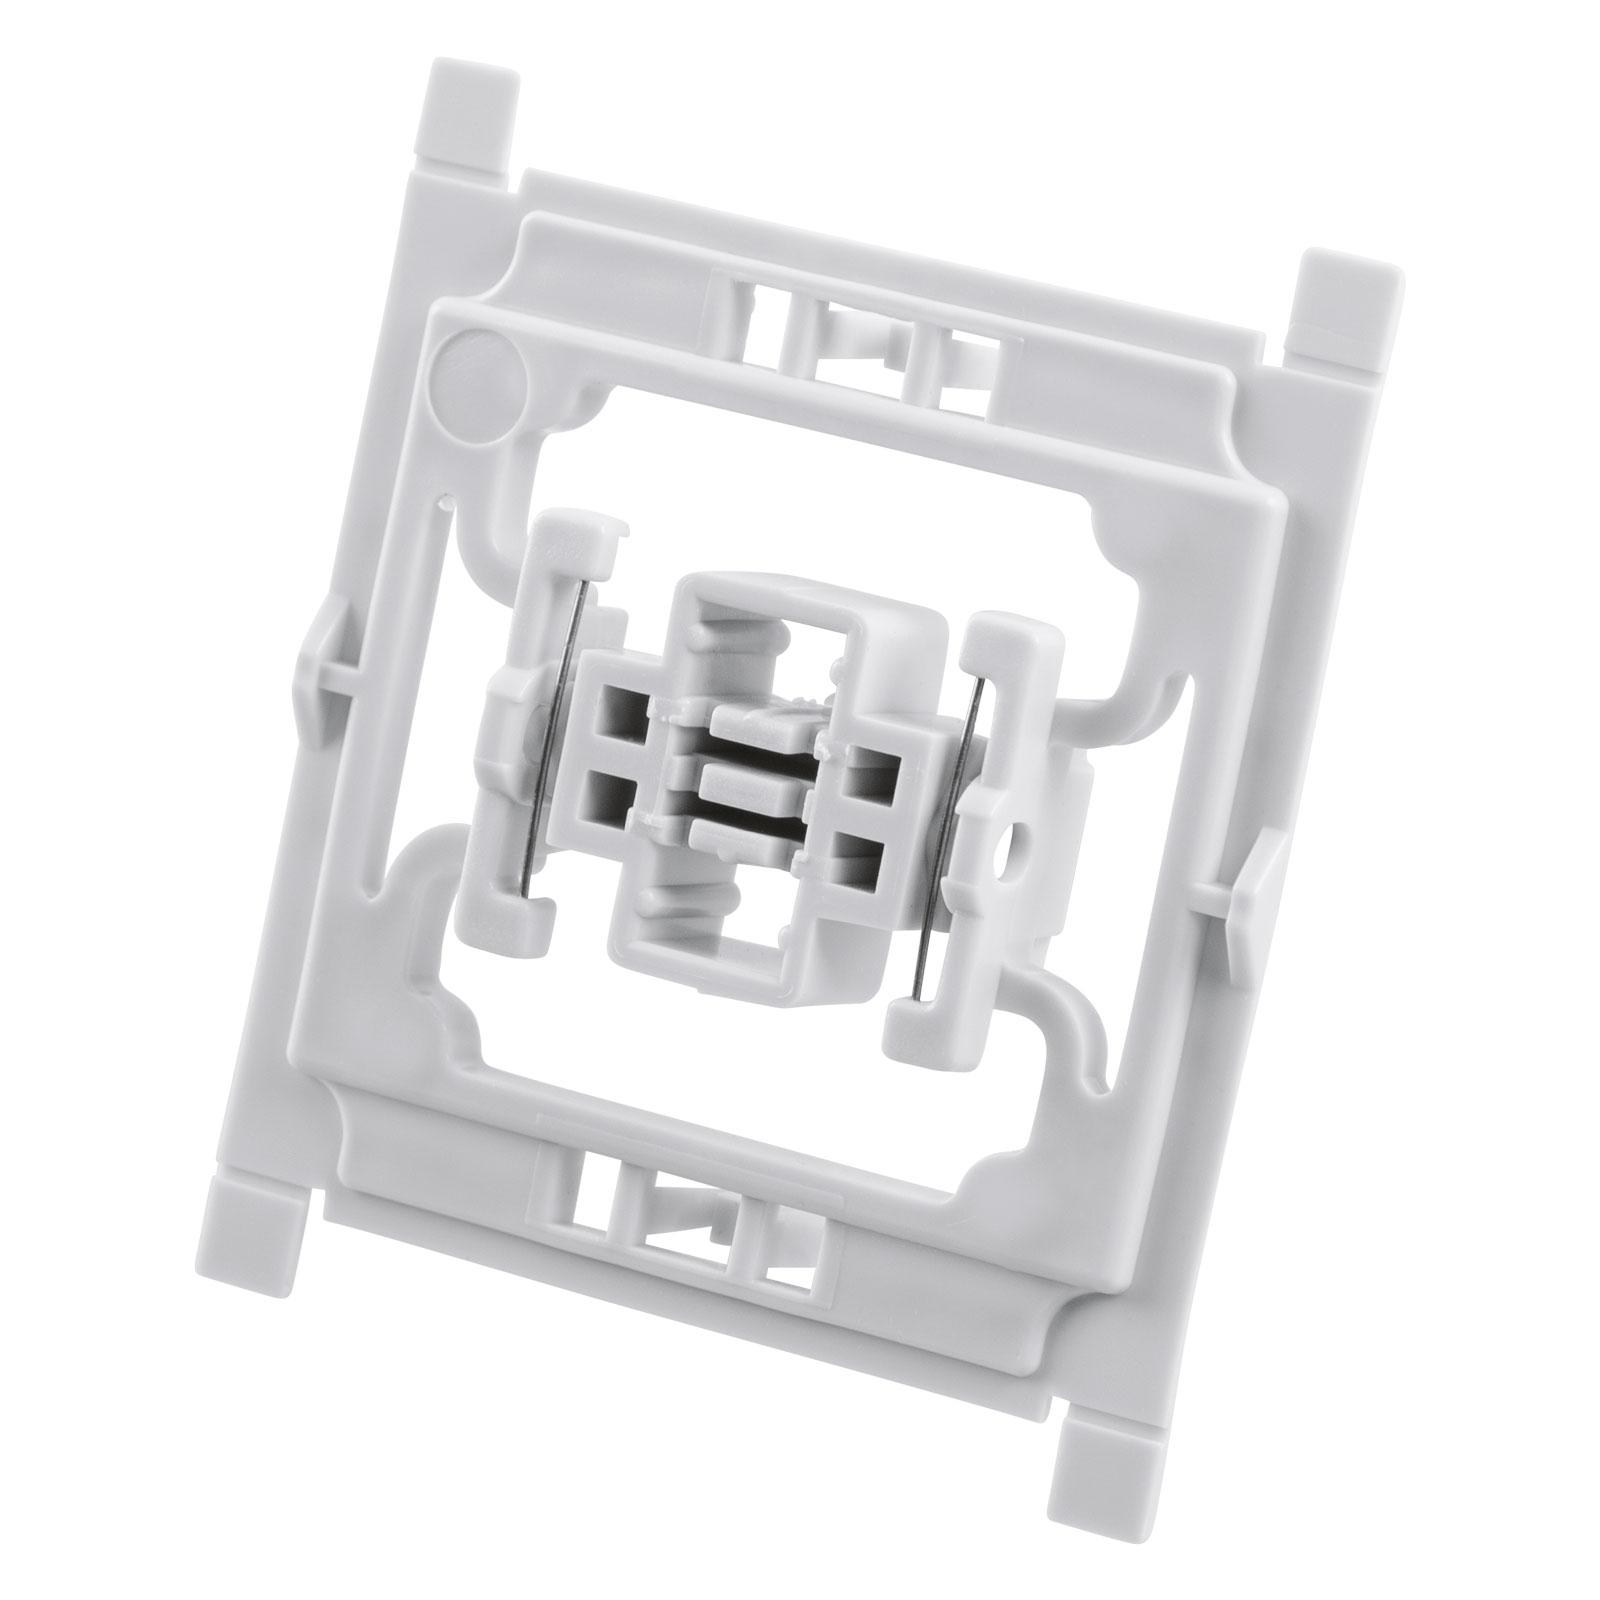 Homematic IP Adapter für Schalter Siemens DELTA 1x